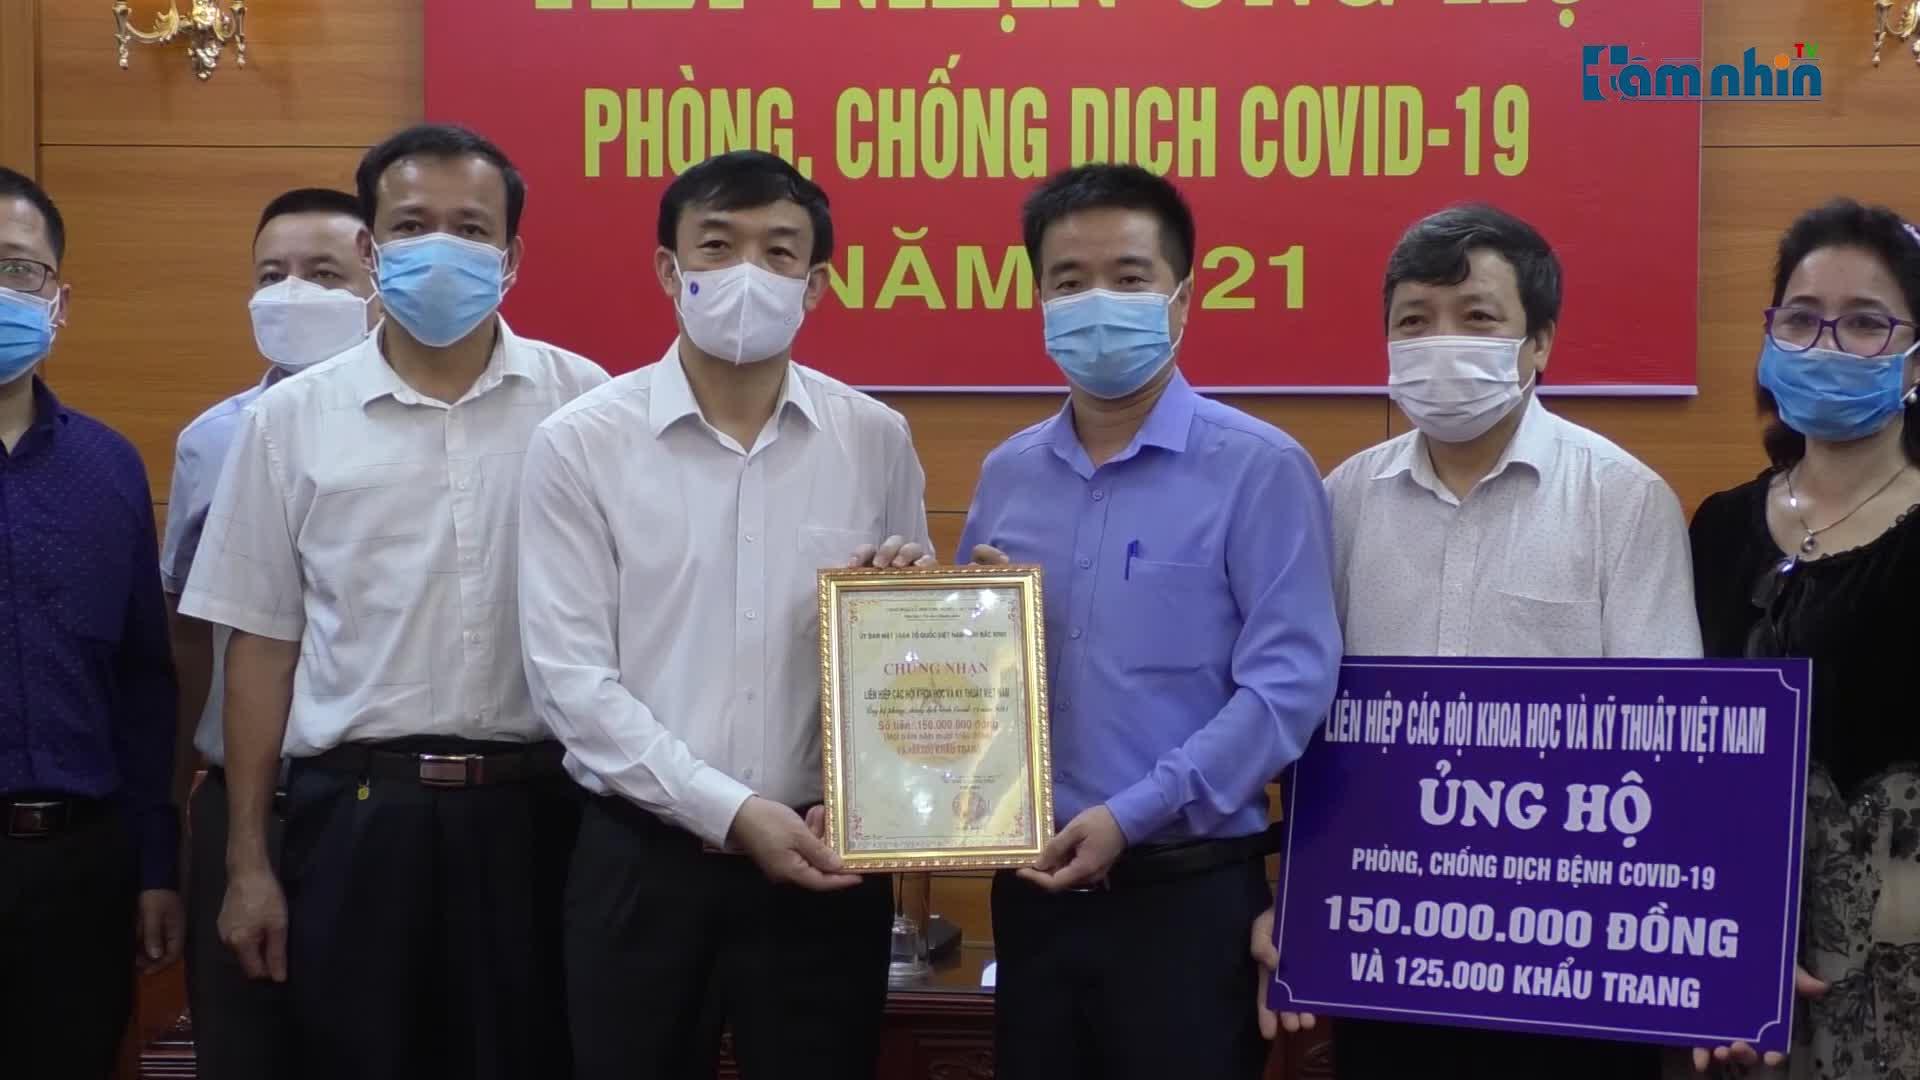 VUSTA ủng hộ Bắc Giang và Bắc Ninh phòng, chống dịch COVID-19